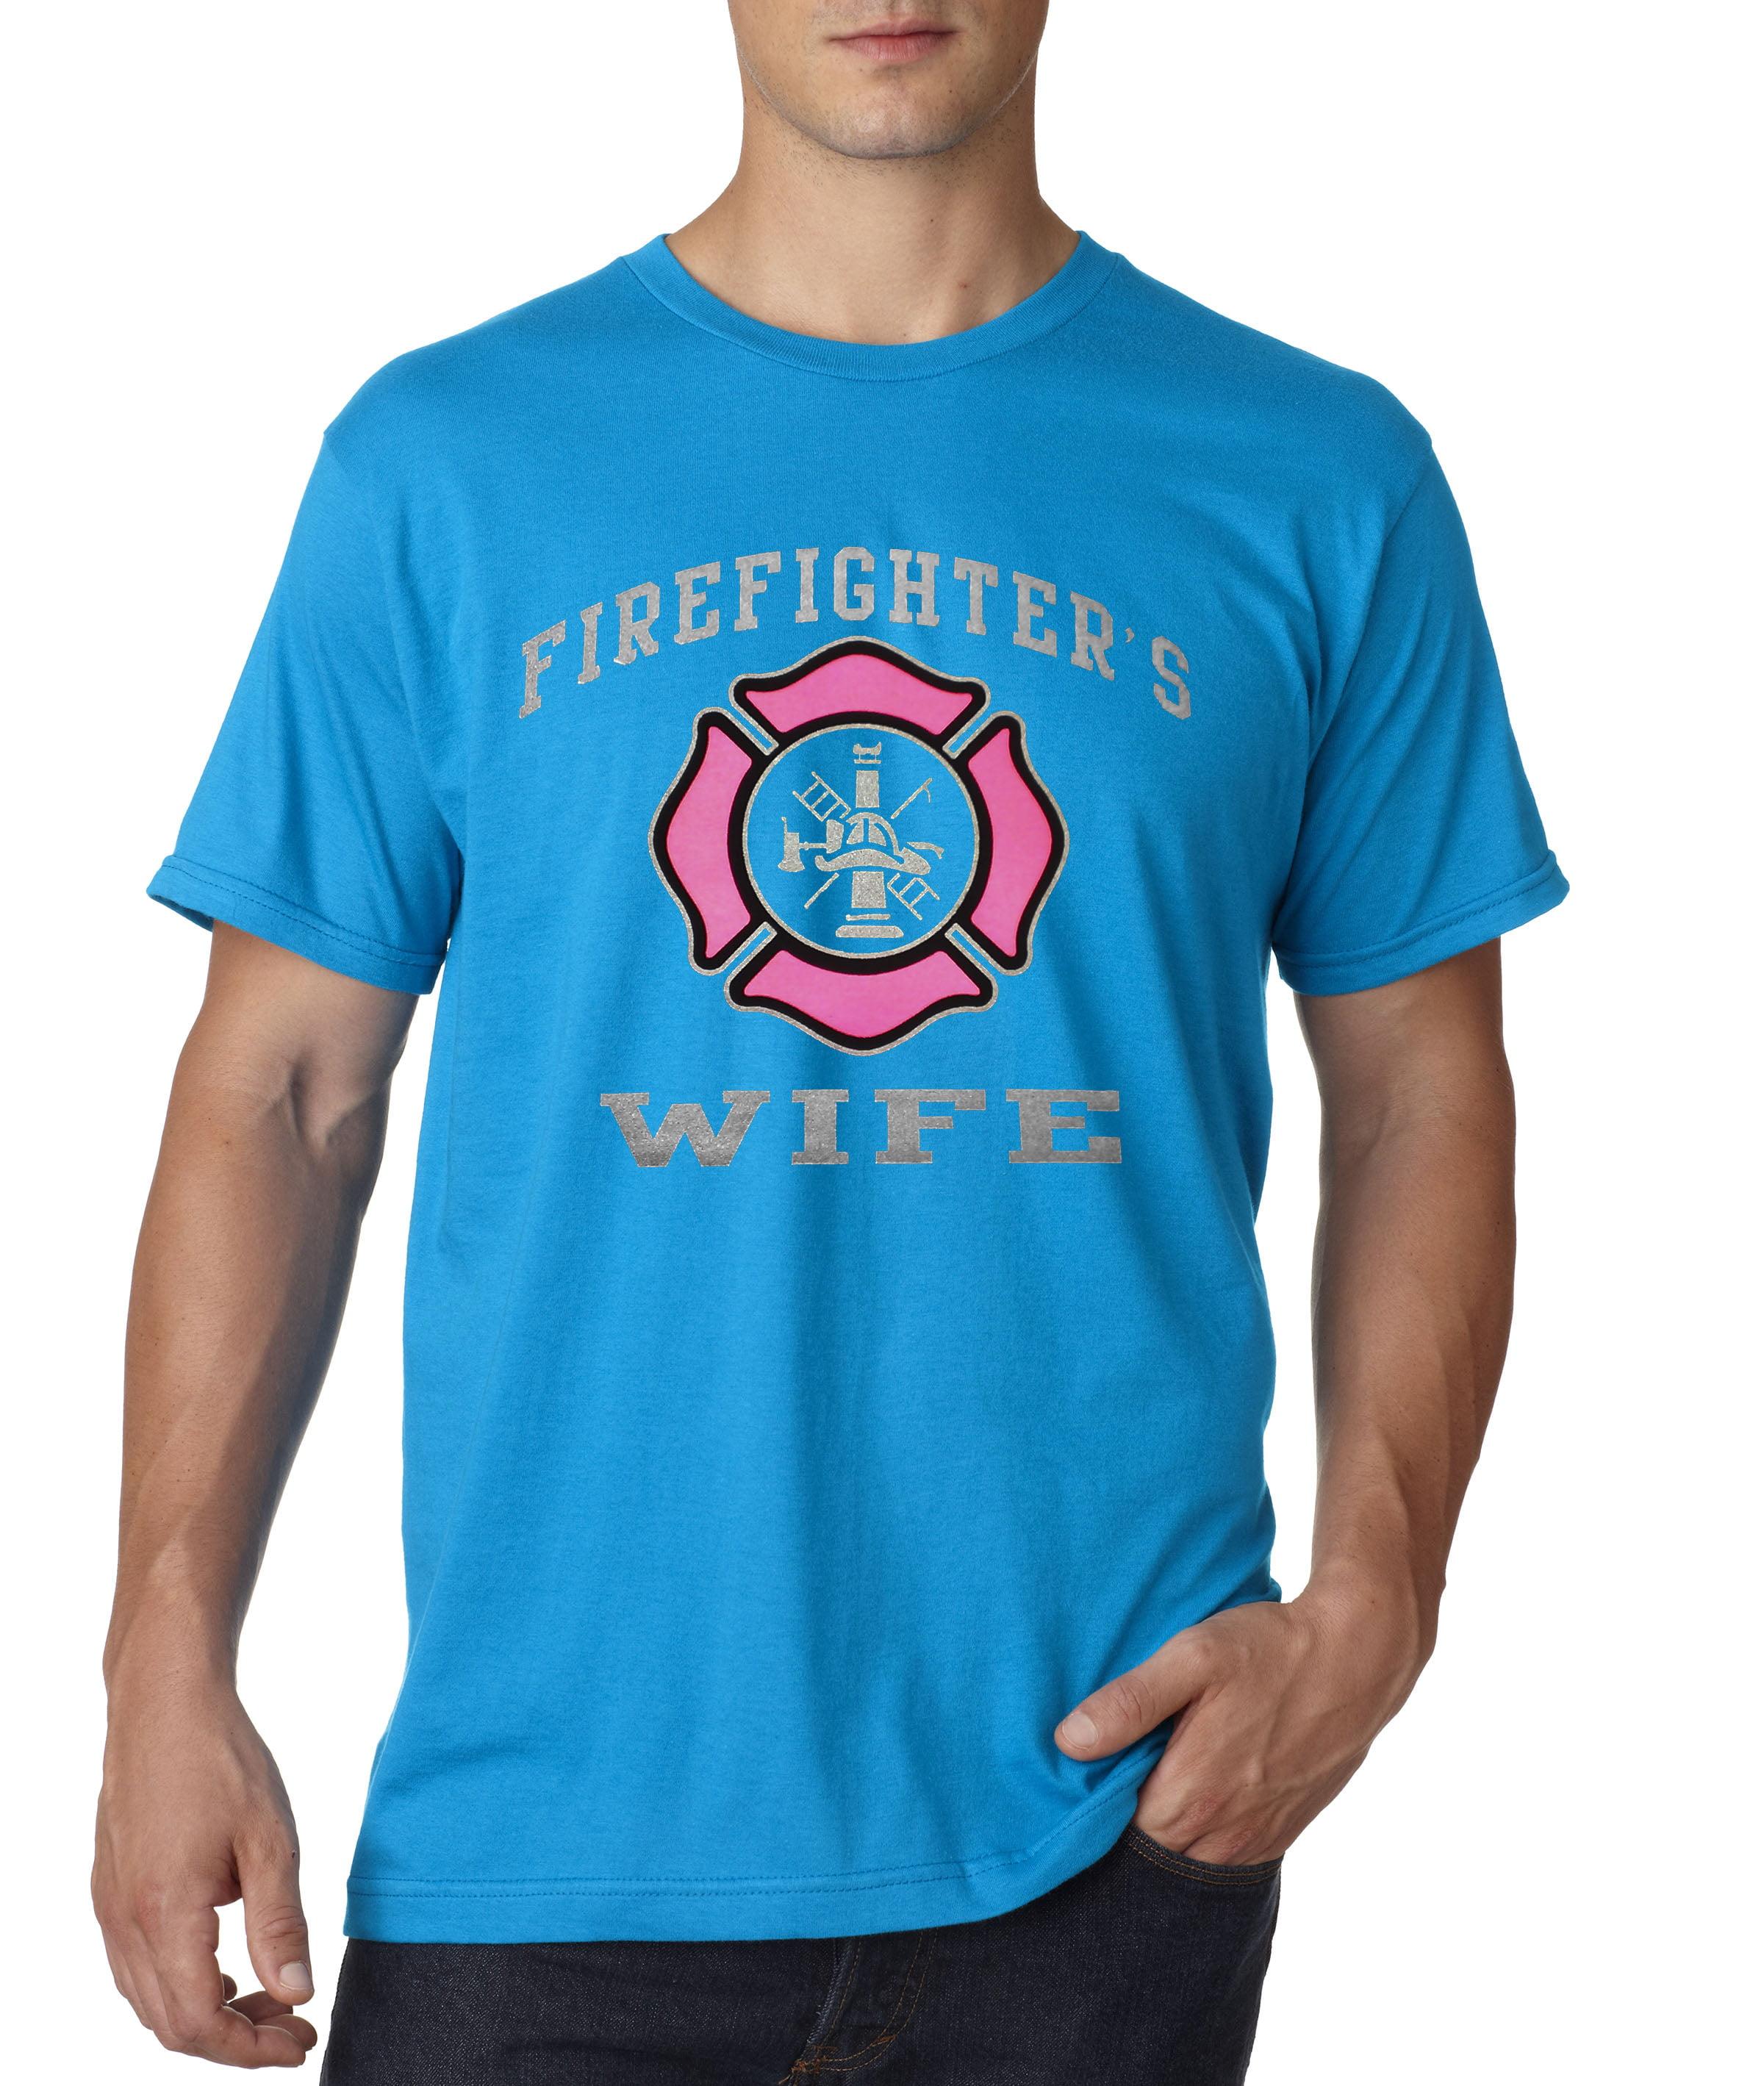 e441c77f6 Custom Made Fire Dept T Shirts - DREAMWORKS